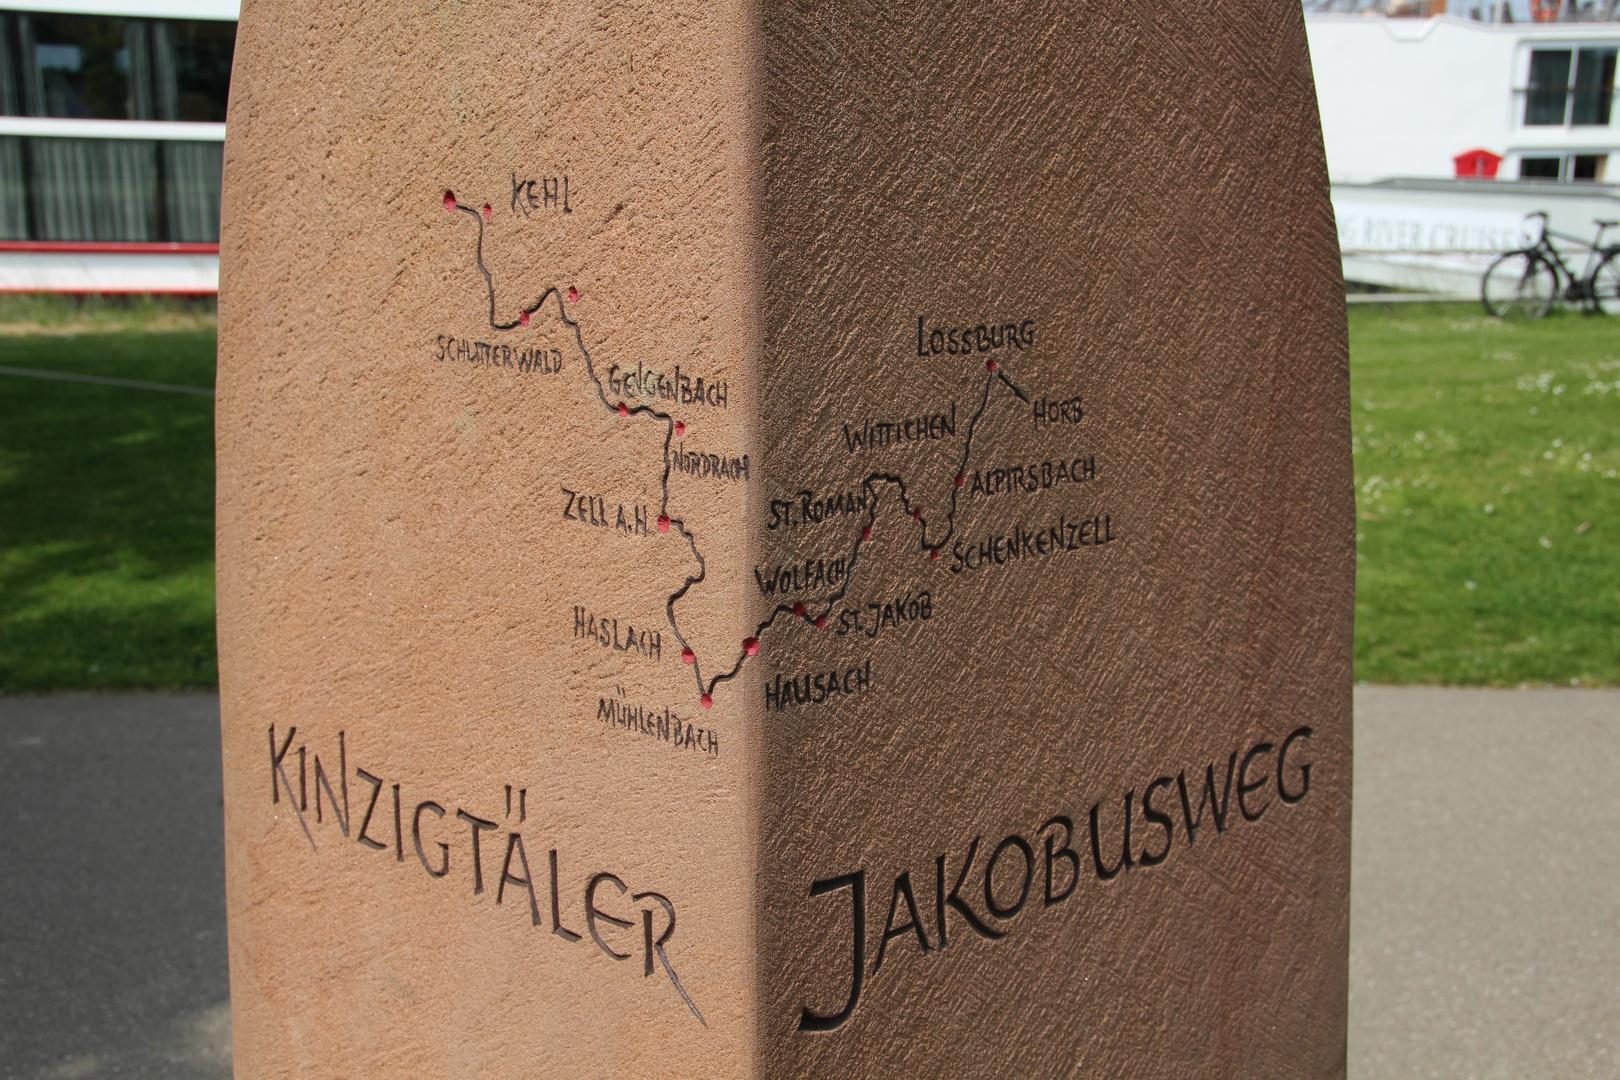 Kinzigtäler Jakobusweg Gedenkstein in Kehl am Rhein